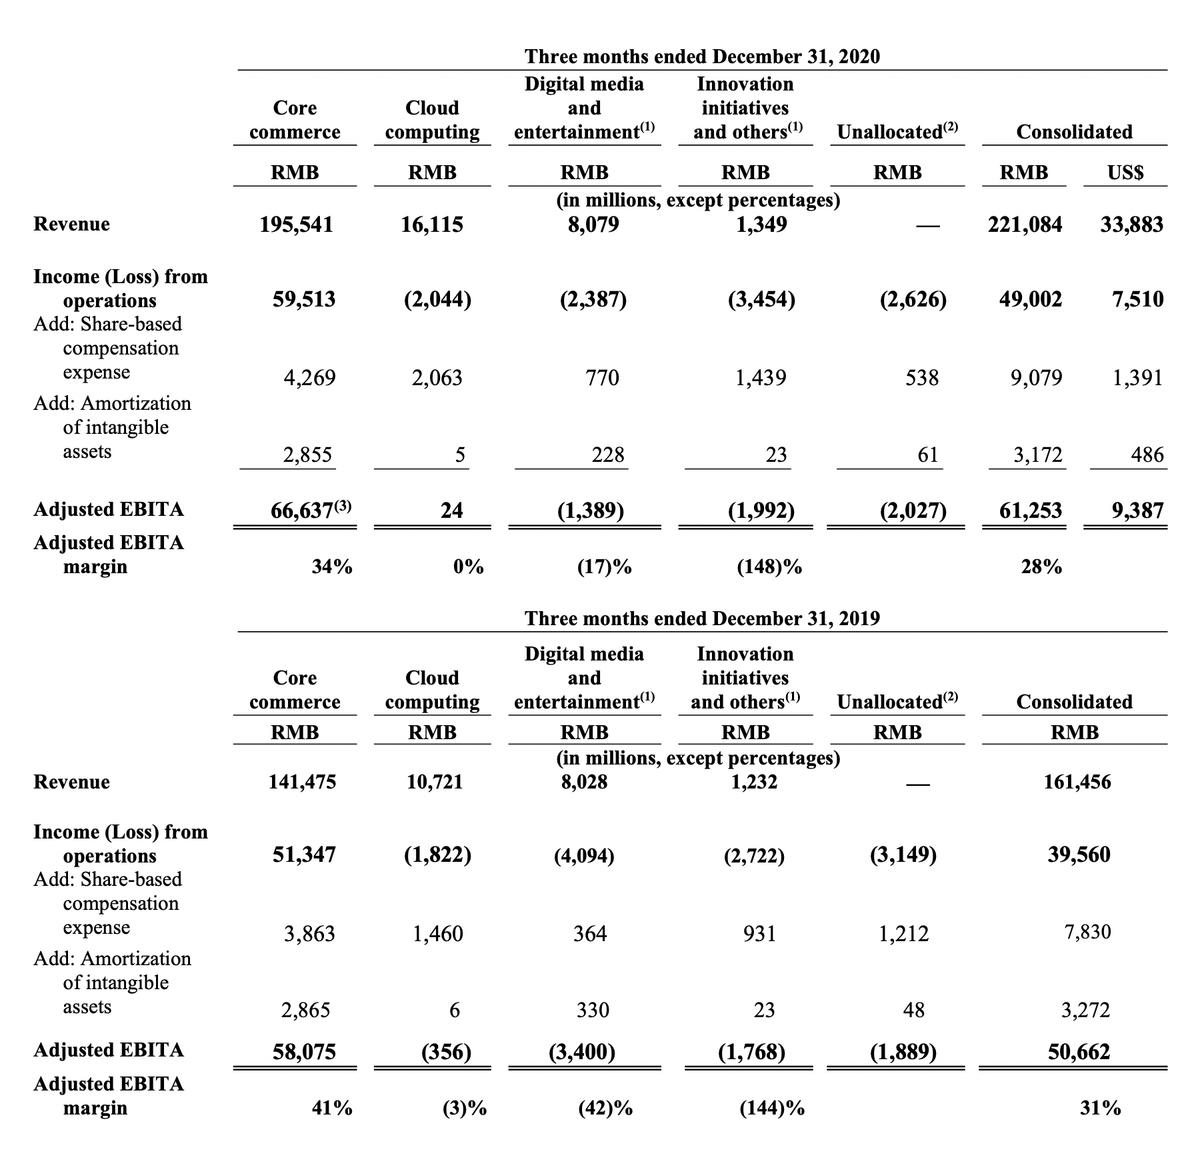 Финансовый результат компании в миллионах юаней и процентах от выручки. Источник: квартальный отчет компании, стр.8